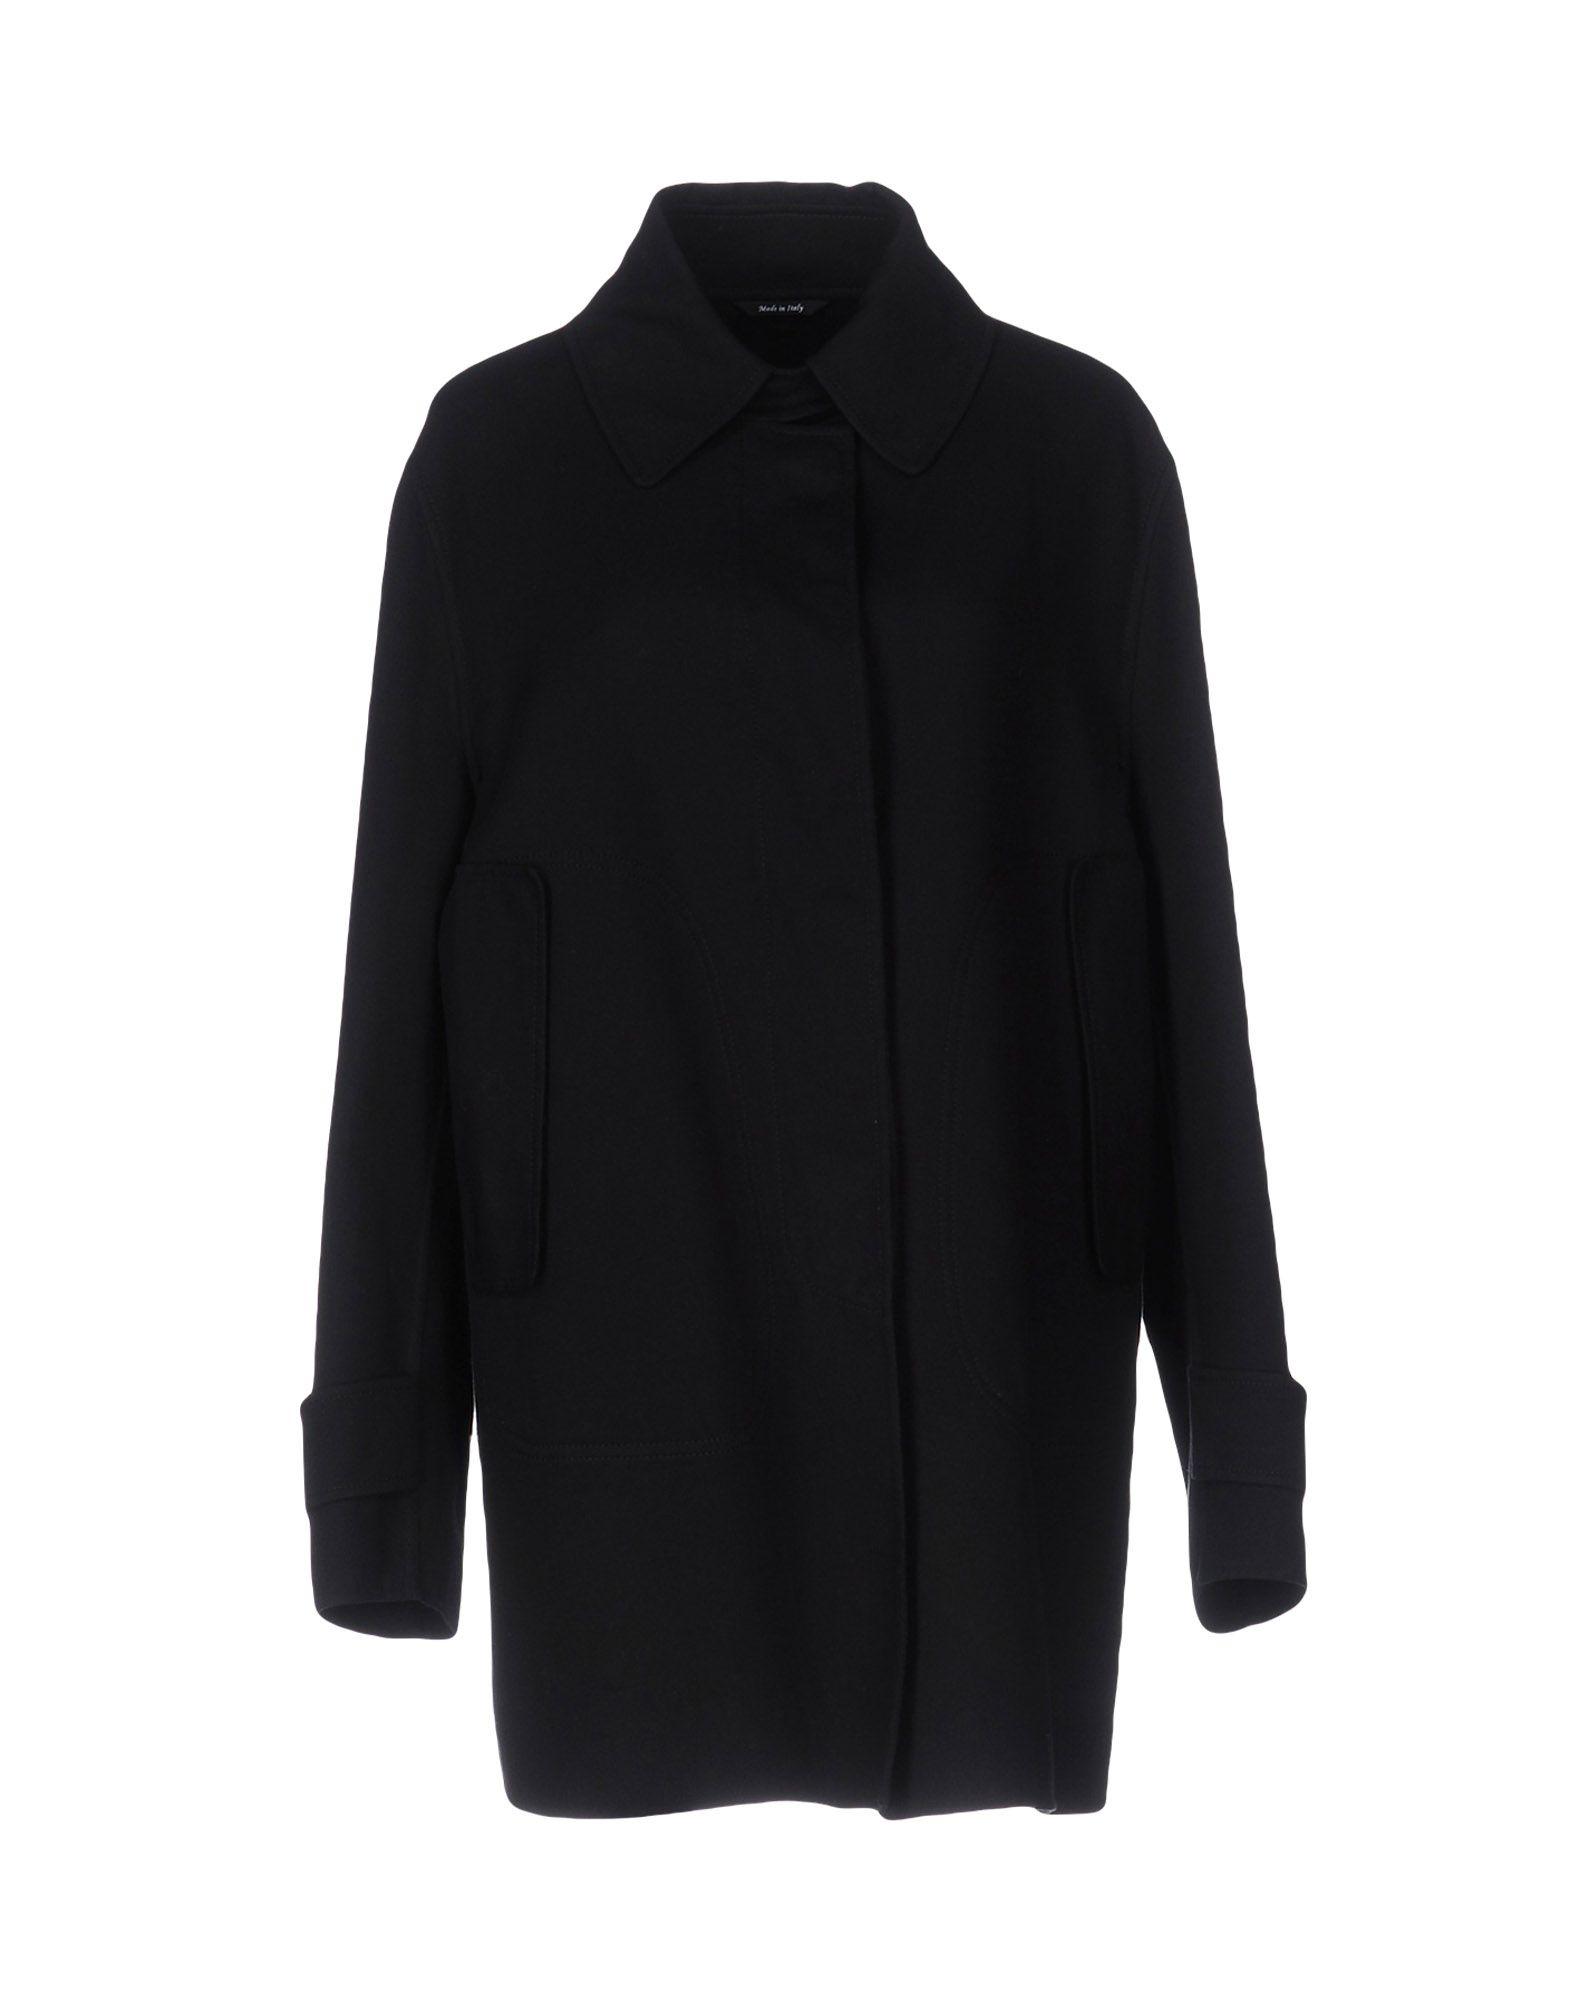 MAISON MARGIELA Damen Mantel Farbe Schwarz Größe 4 jetztbilligerkaufen